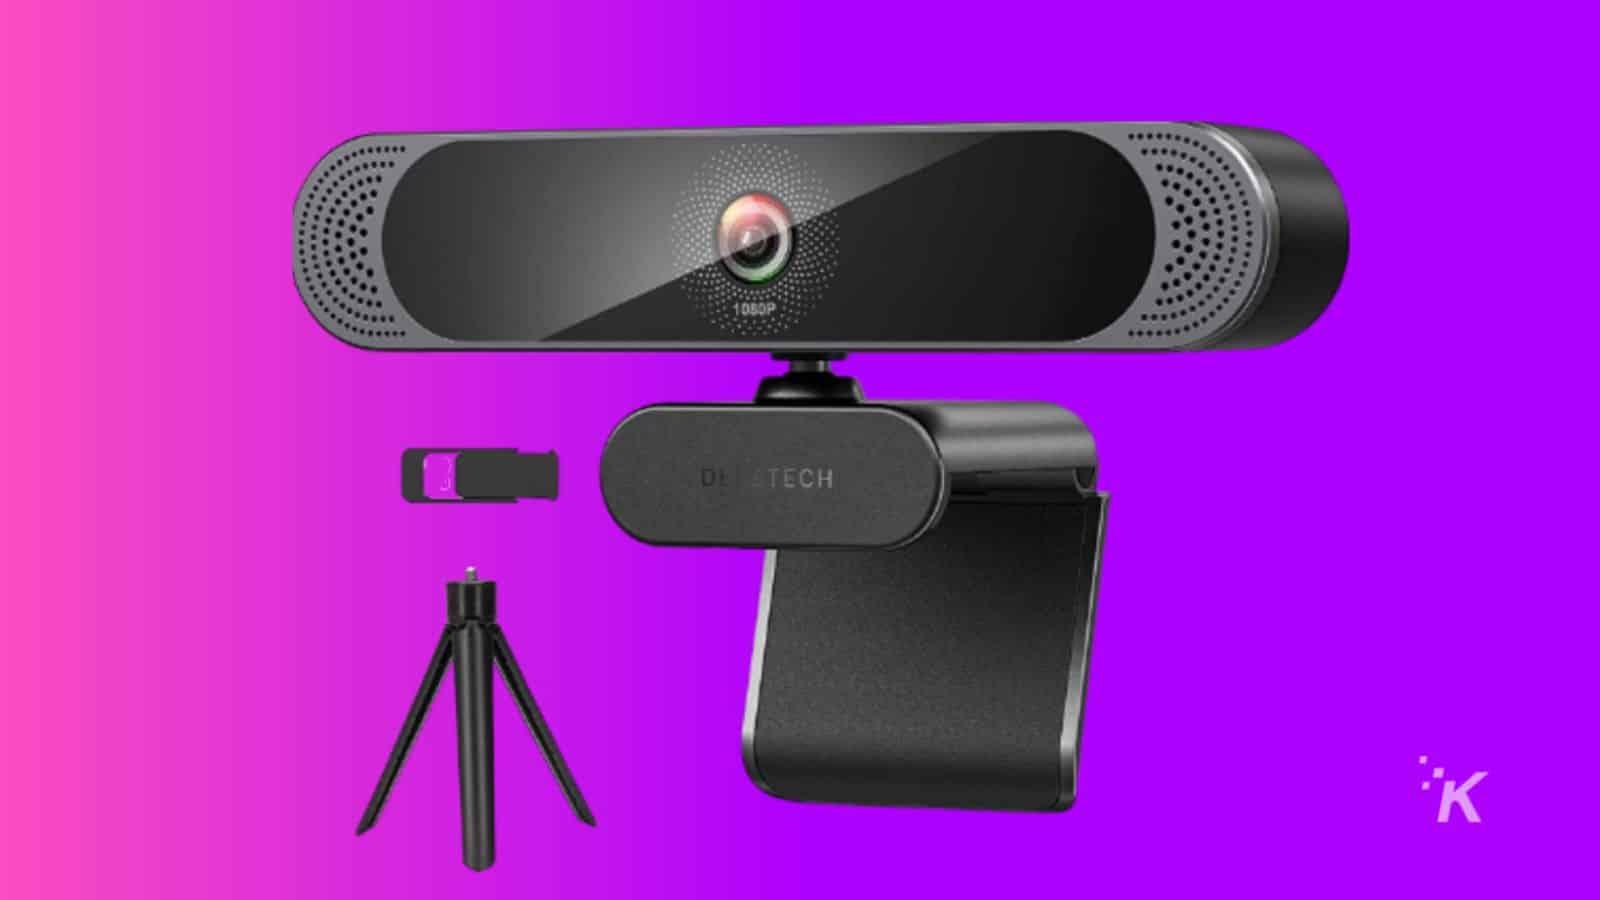 deepstech webcam